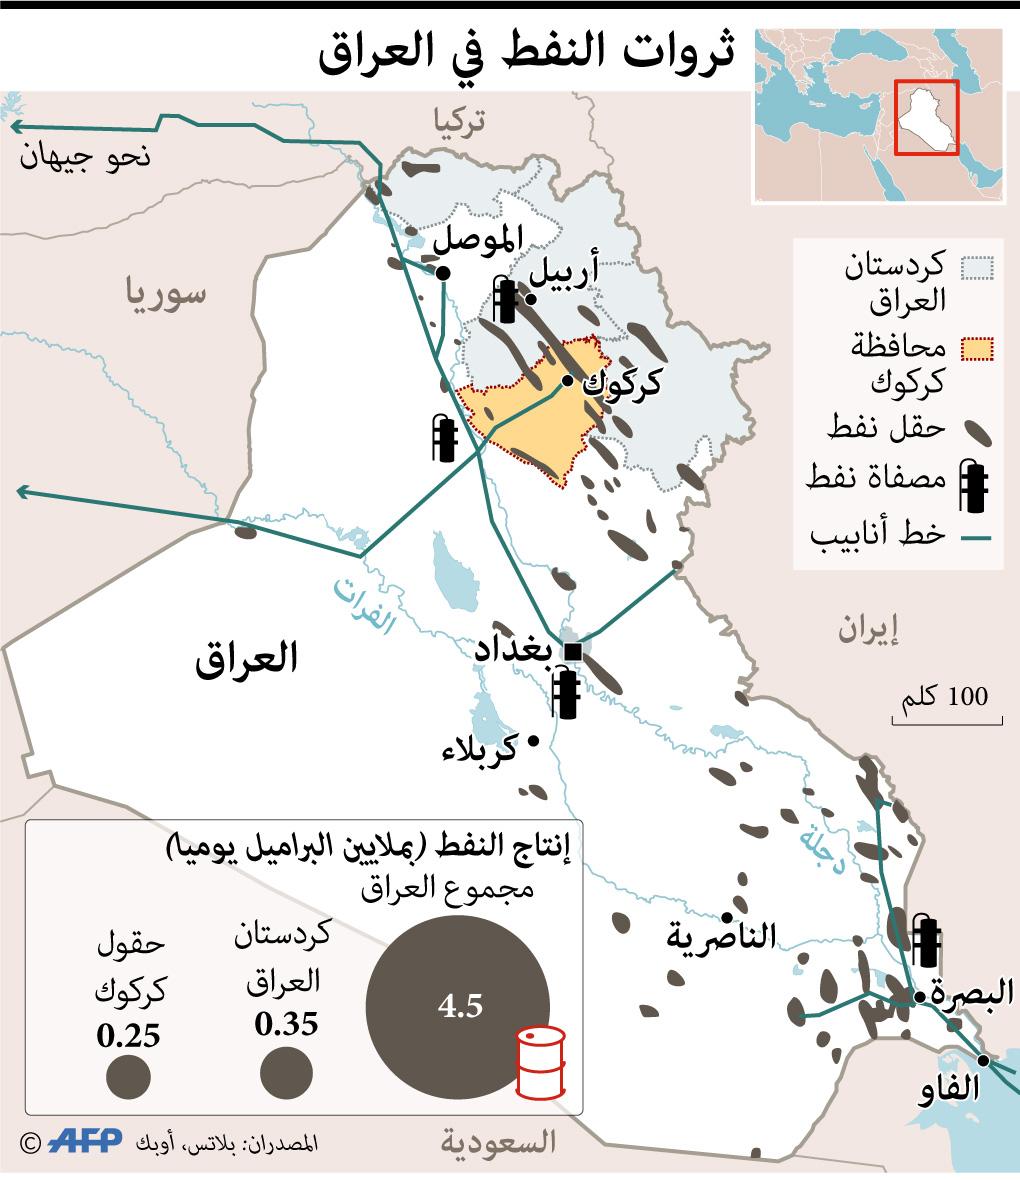 العراق يرفع إنتاجه النفطي لكن هل يستفيد Irfaasawtak